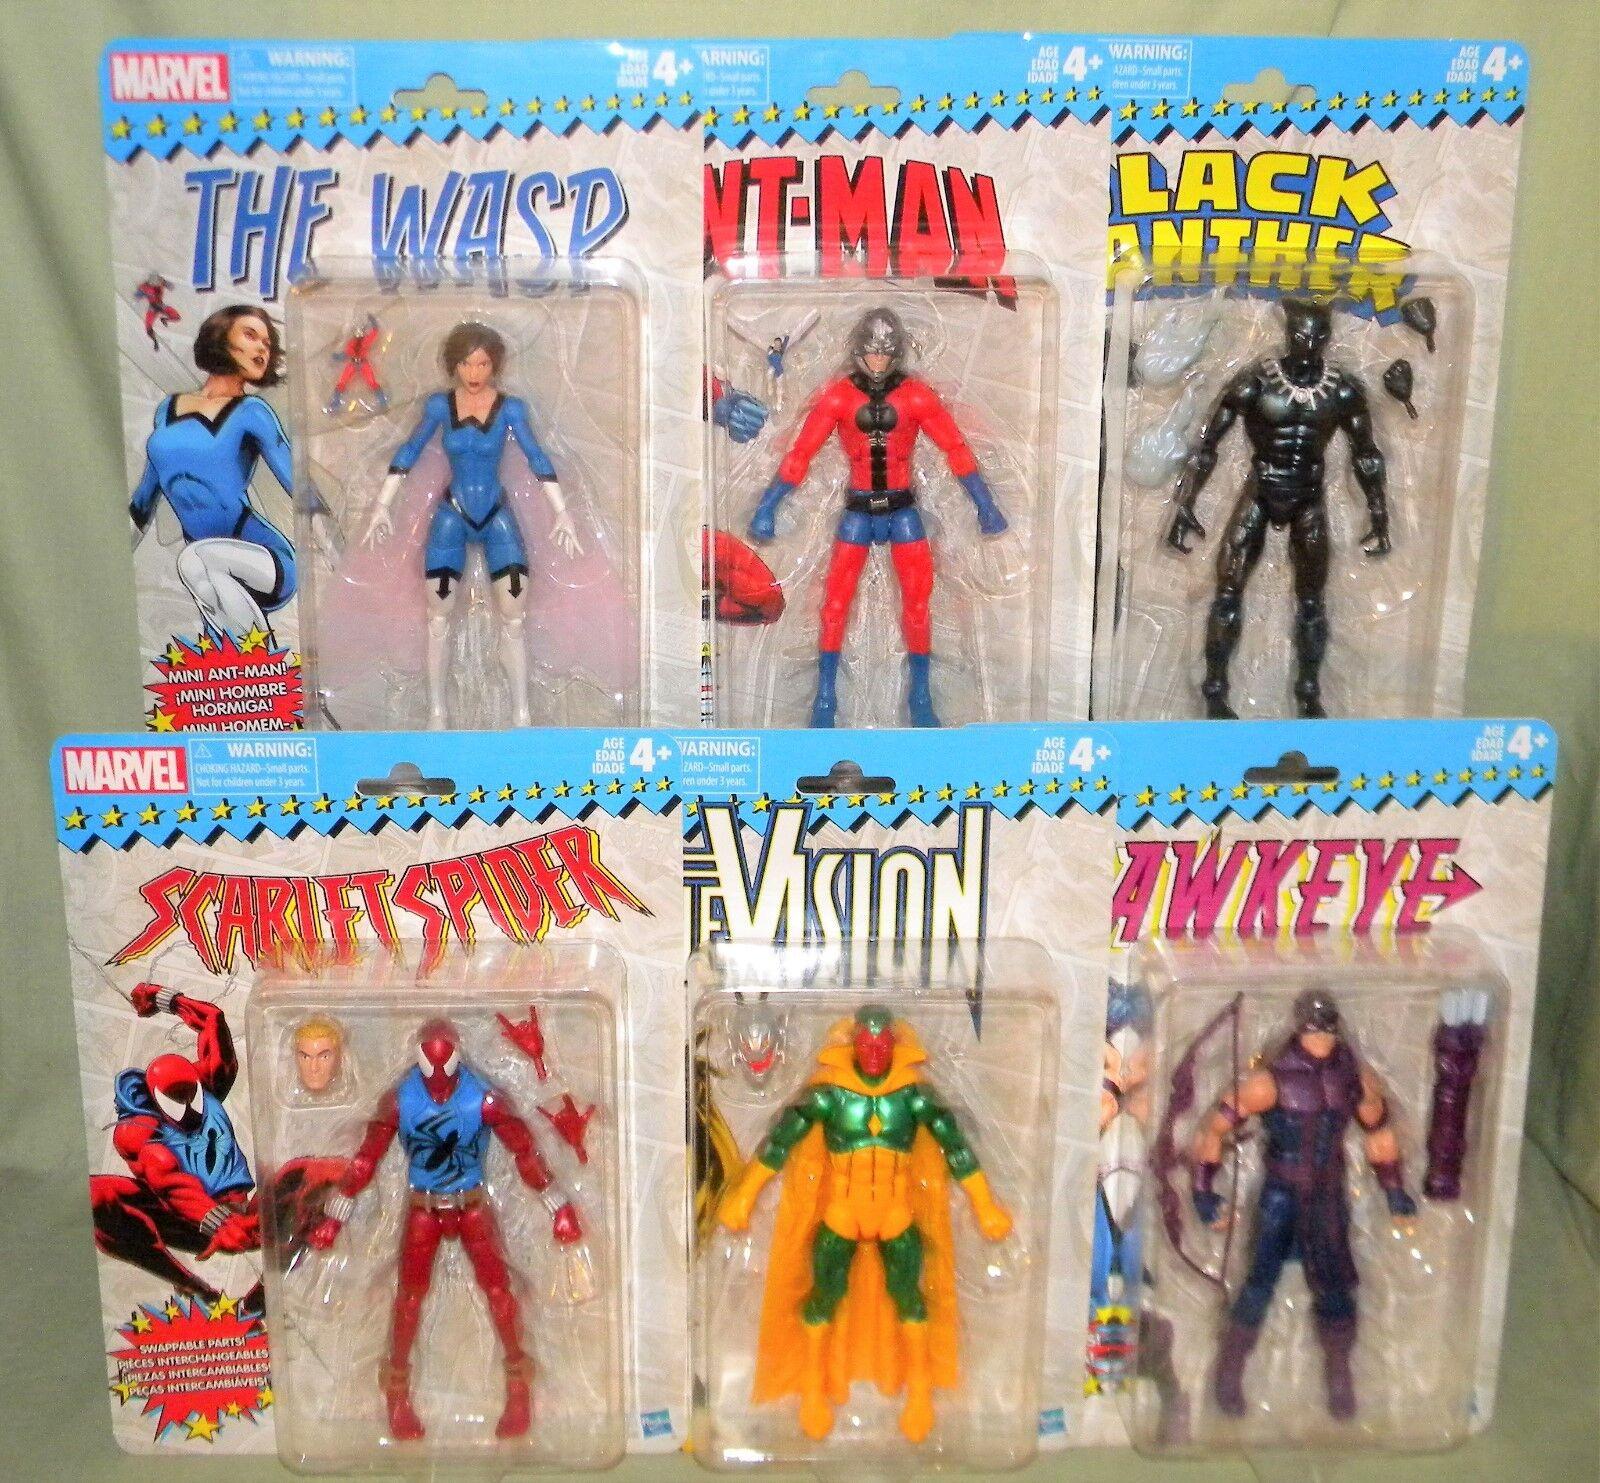 Vision Hawkeye Svoiturelet  Ant-Man WASP panthère noire Marvel Legends vintage 6  2018  60% de réduction